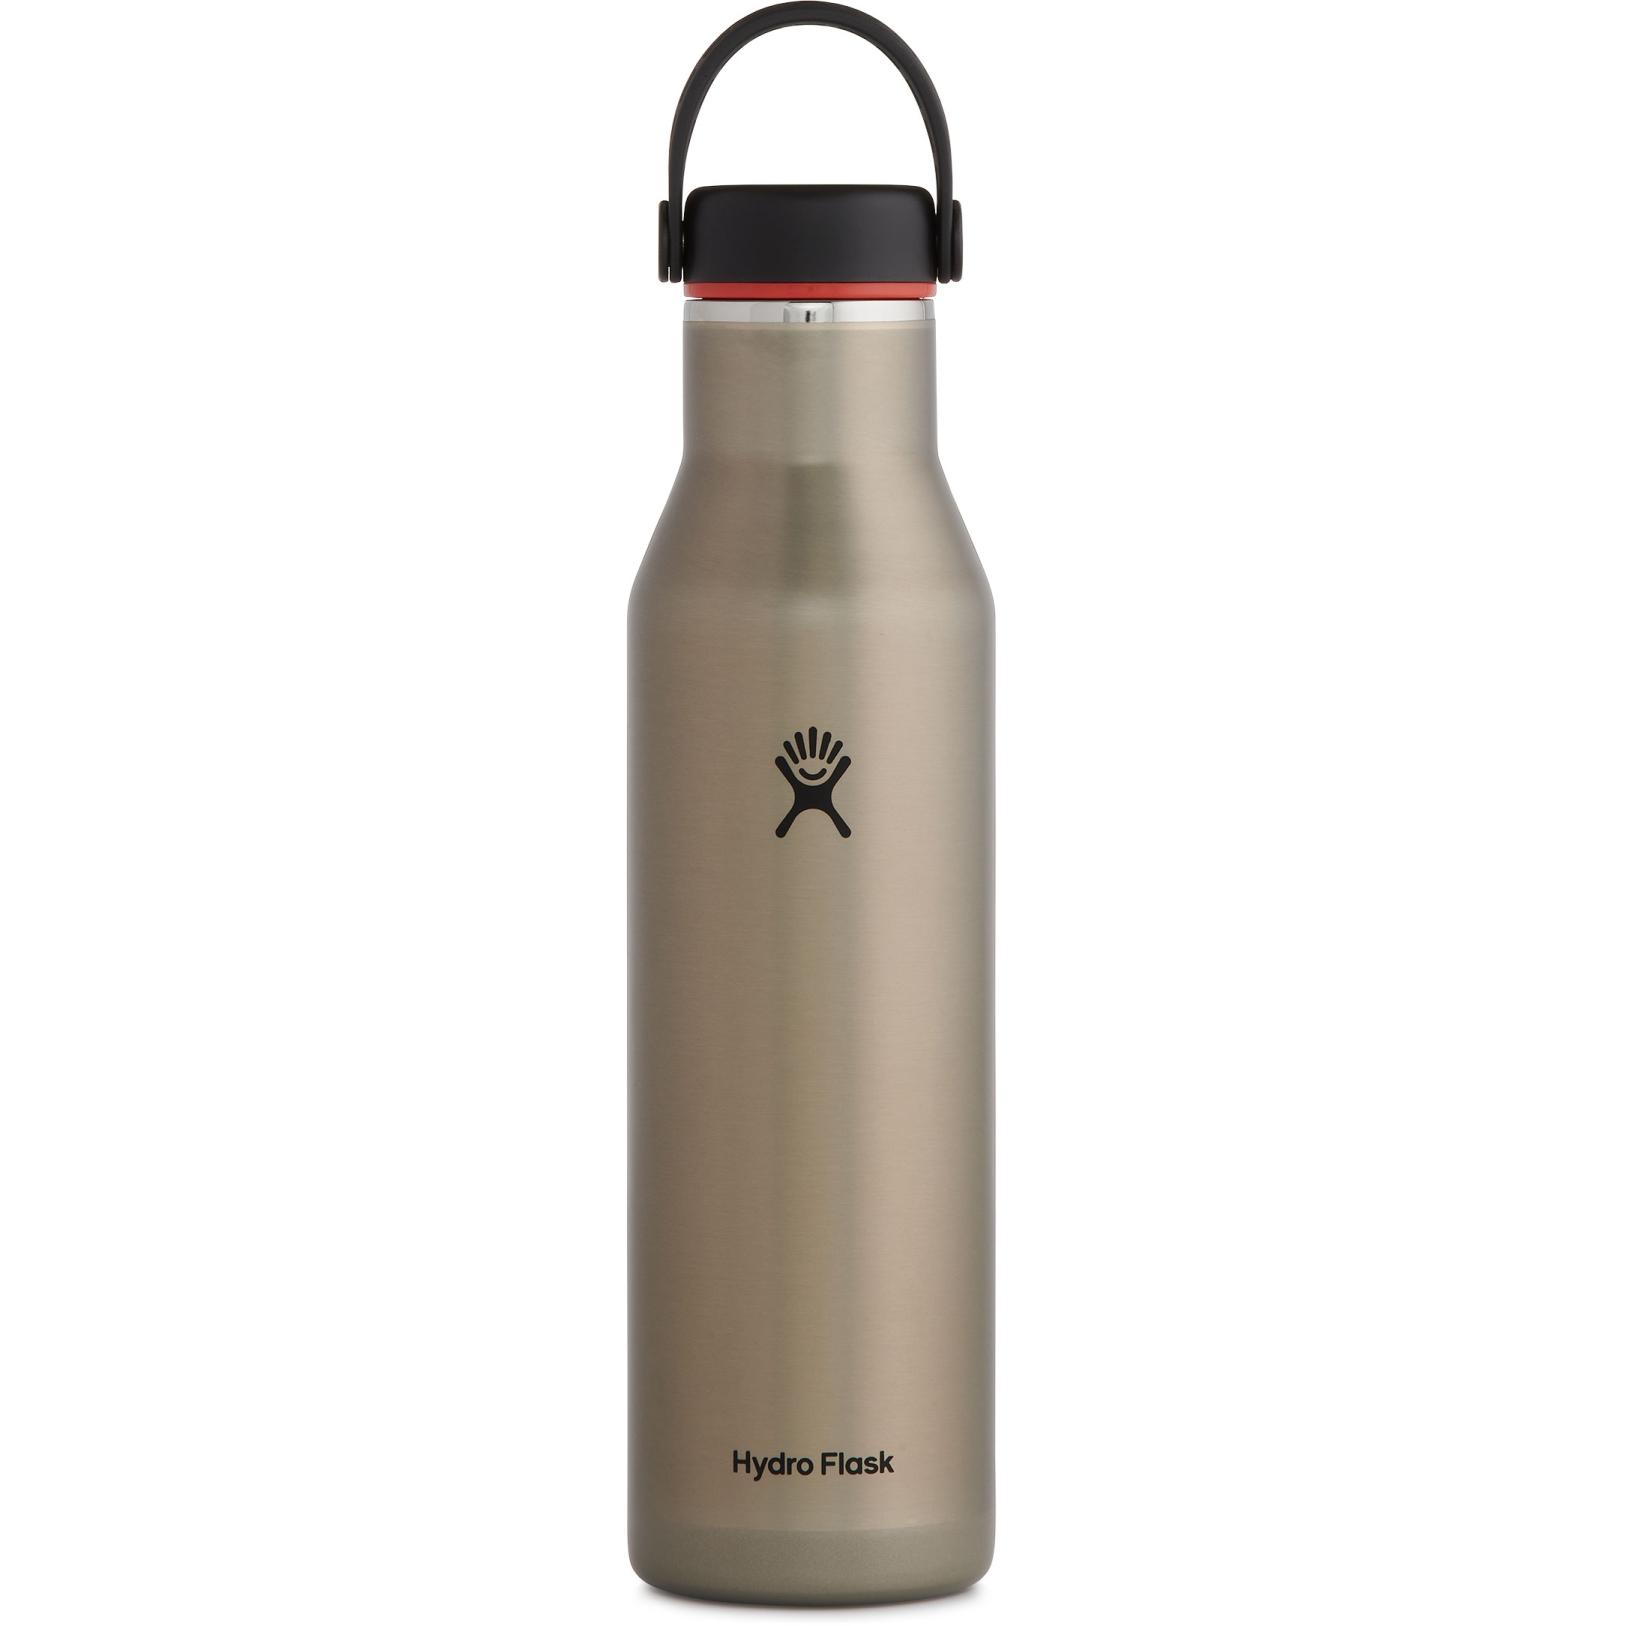 Produktbild von Hydro Flask 21oz Lightweight Standard Flex Cap Thermoflasche - 621ml - Slate